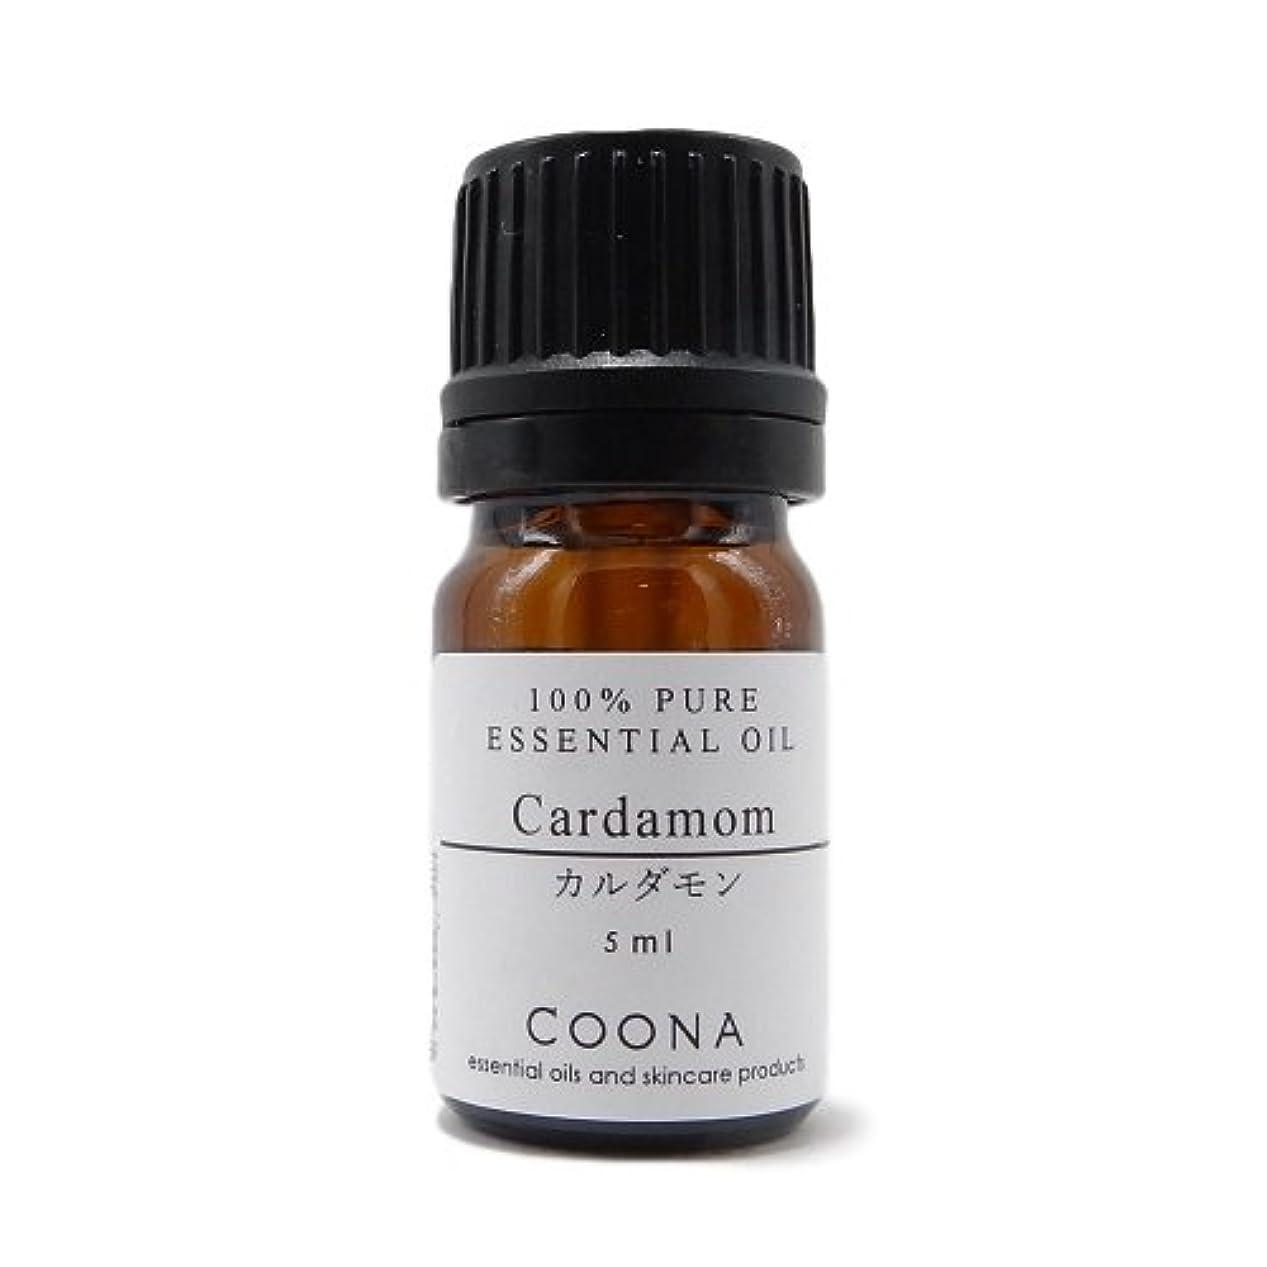 マニアック副詞原子カルダモン 5 ml (COONA エッセンシャルオイル アロマオイル 100%天然植物精油)